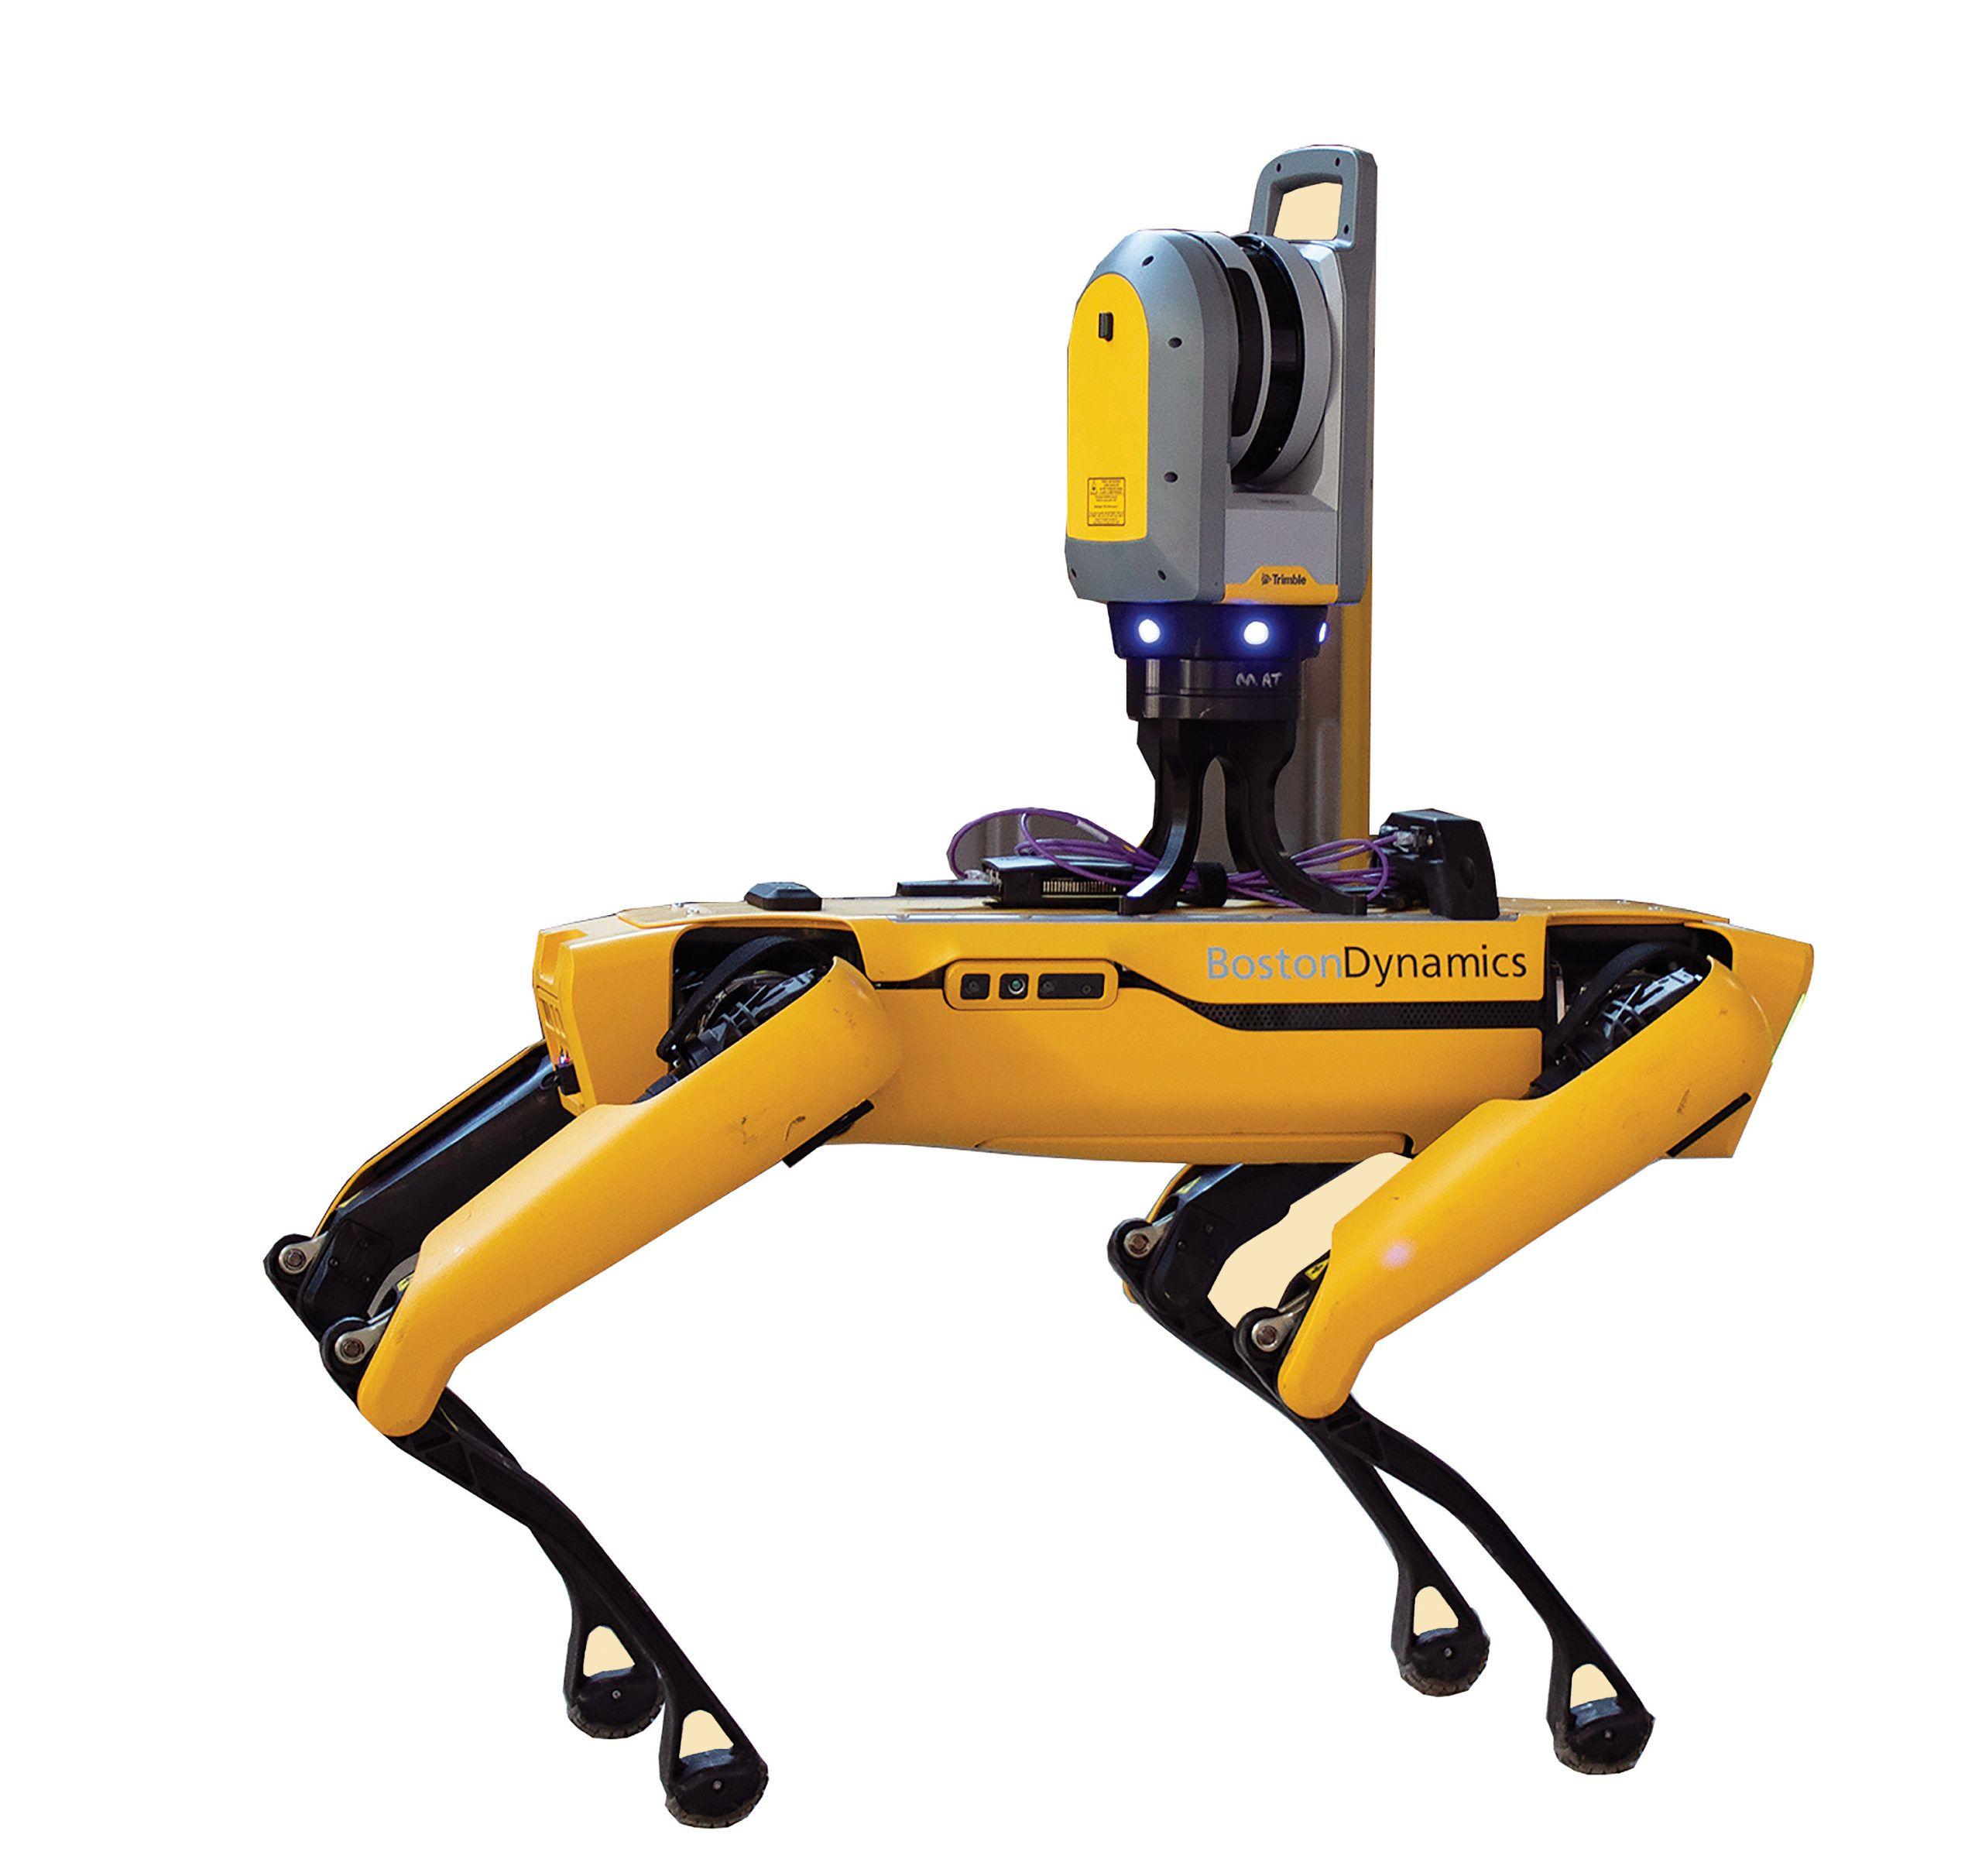 Trimble X7 on Spot Robotics